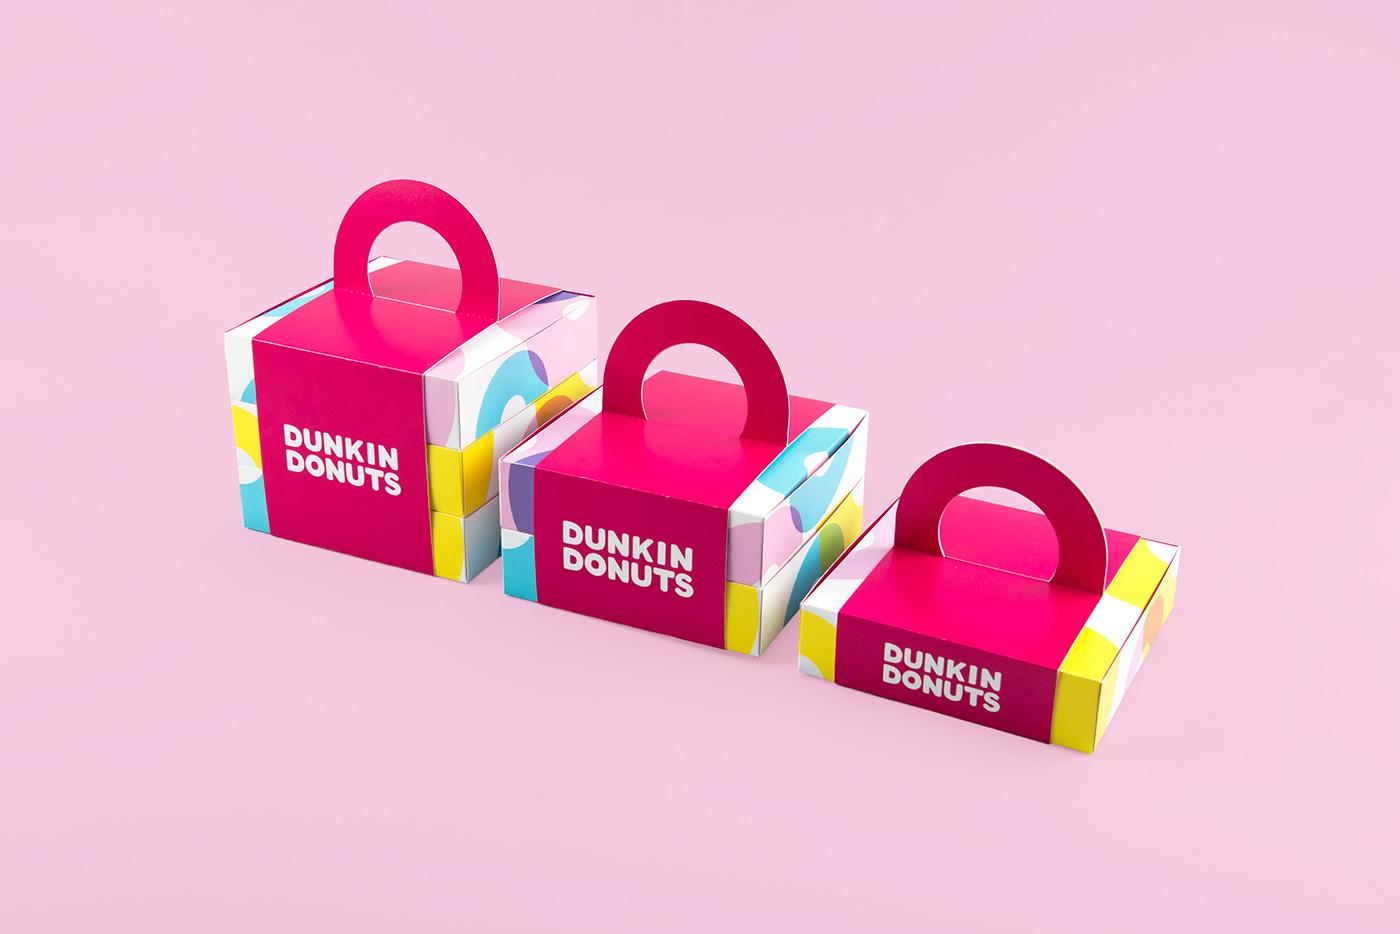 dunkin donuts 3